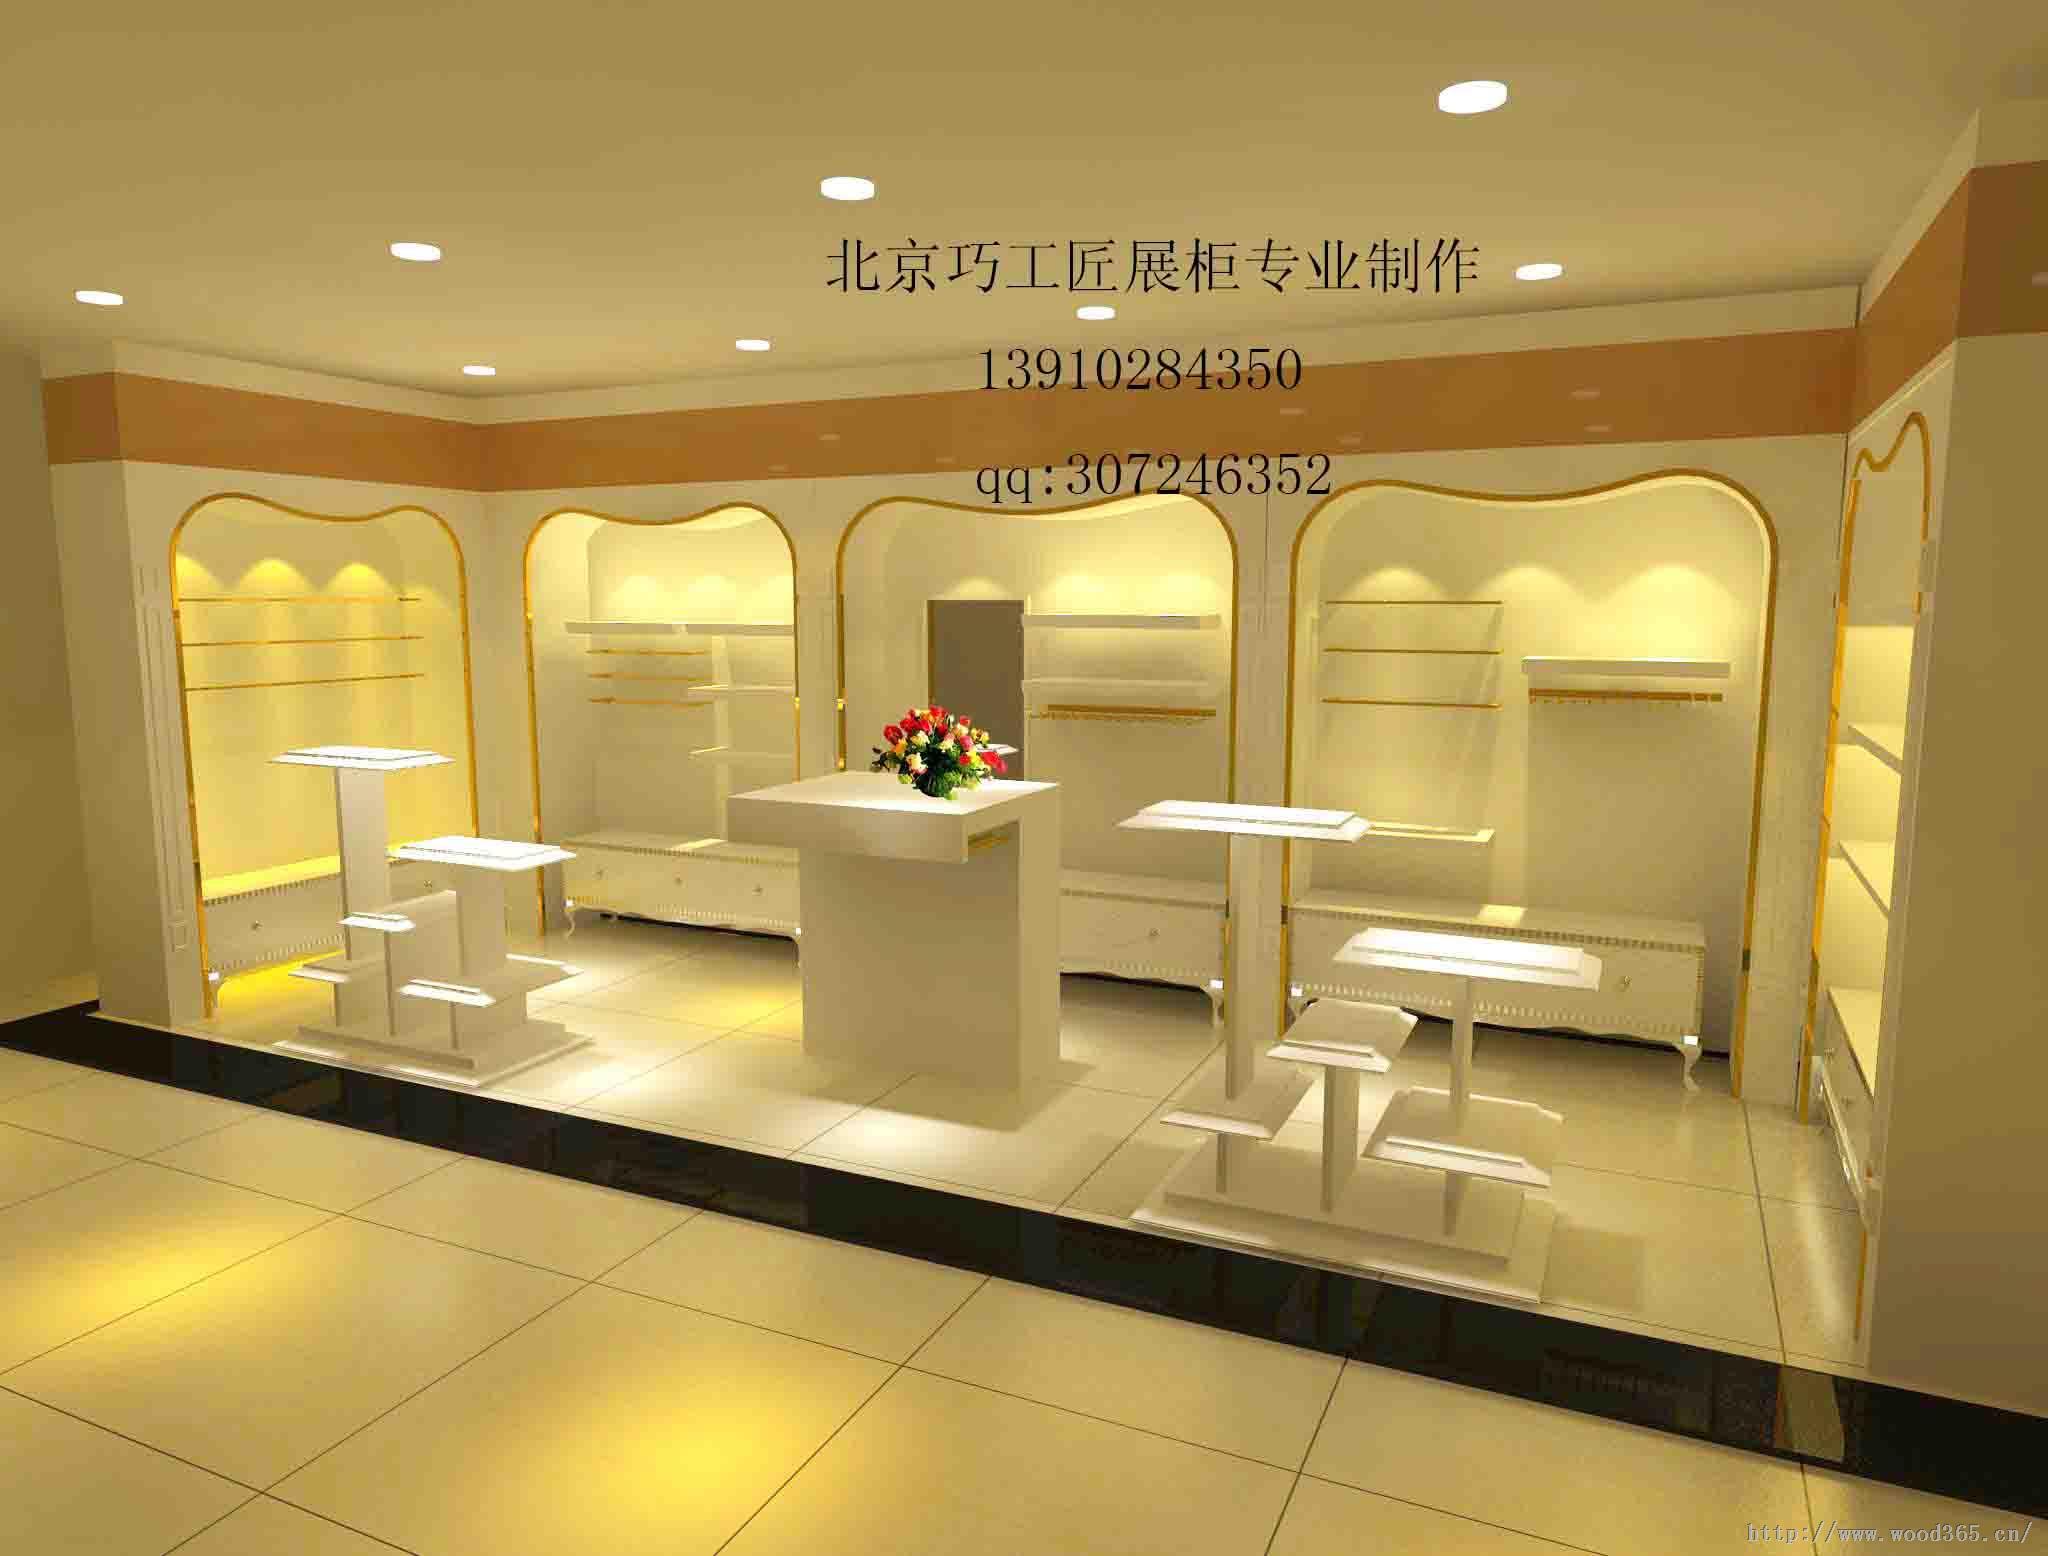 本厂成立于2000年,是北京地区一家专业从事北京展柜、商场柜台、展柜制作、展柜设计、展柜厂、柜台厂、展柜专业制作展柜,商场展柜.设计制作的新型专业制造厂。   主要设计制作黄金珠宝精品柜台,化妆品形象展柜,电子卖场展柜,服饰鞋帽展柜,饰品展柜,食品展柜,服装展柜,钢木结构组装展柜,超市整体卖场木质展柜制作,更有丰富的精品店,服饰店设计装修,商场及大卖场整体统装商装经验。   现已长年与北京苏宁电器集团,美廉美超市集团,亿客隆超市,家乐福超市,汇美舍华北区代理公司,美国GOLF皮具北京总代理,汇百家公司,金